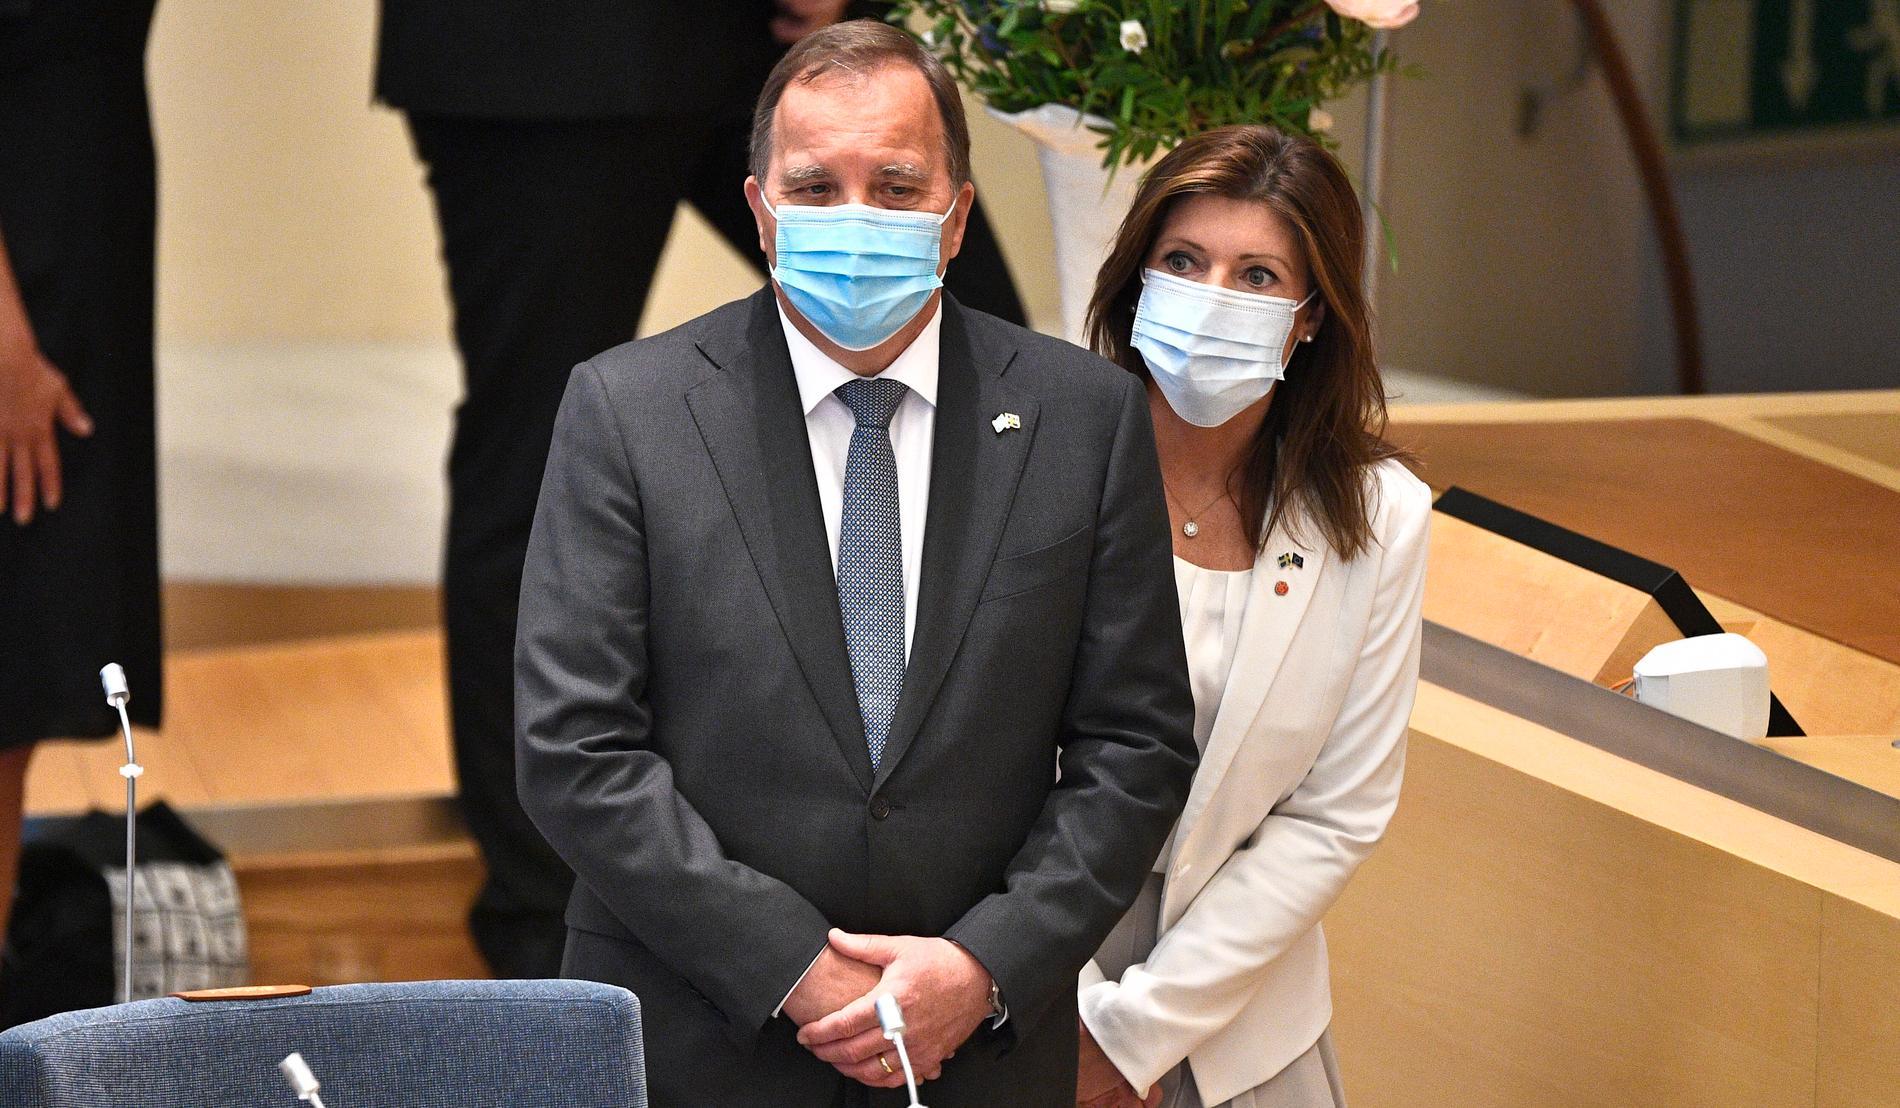 Vänsterpartiet röstade tillsammans med M och KD för Sverigedemokraternas misstroende mot statsminister Stefan Löfven i måndags. Då föll regeringen.